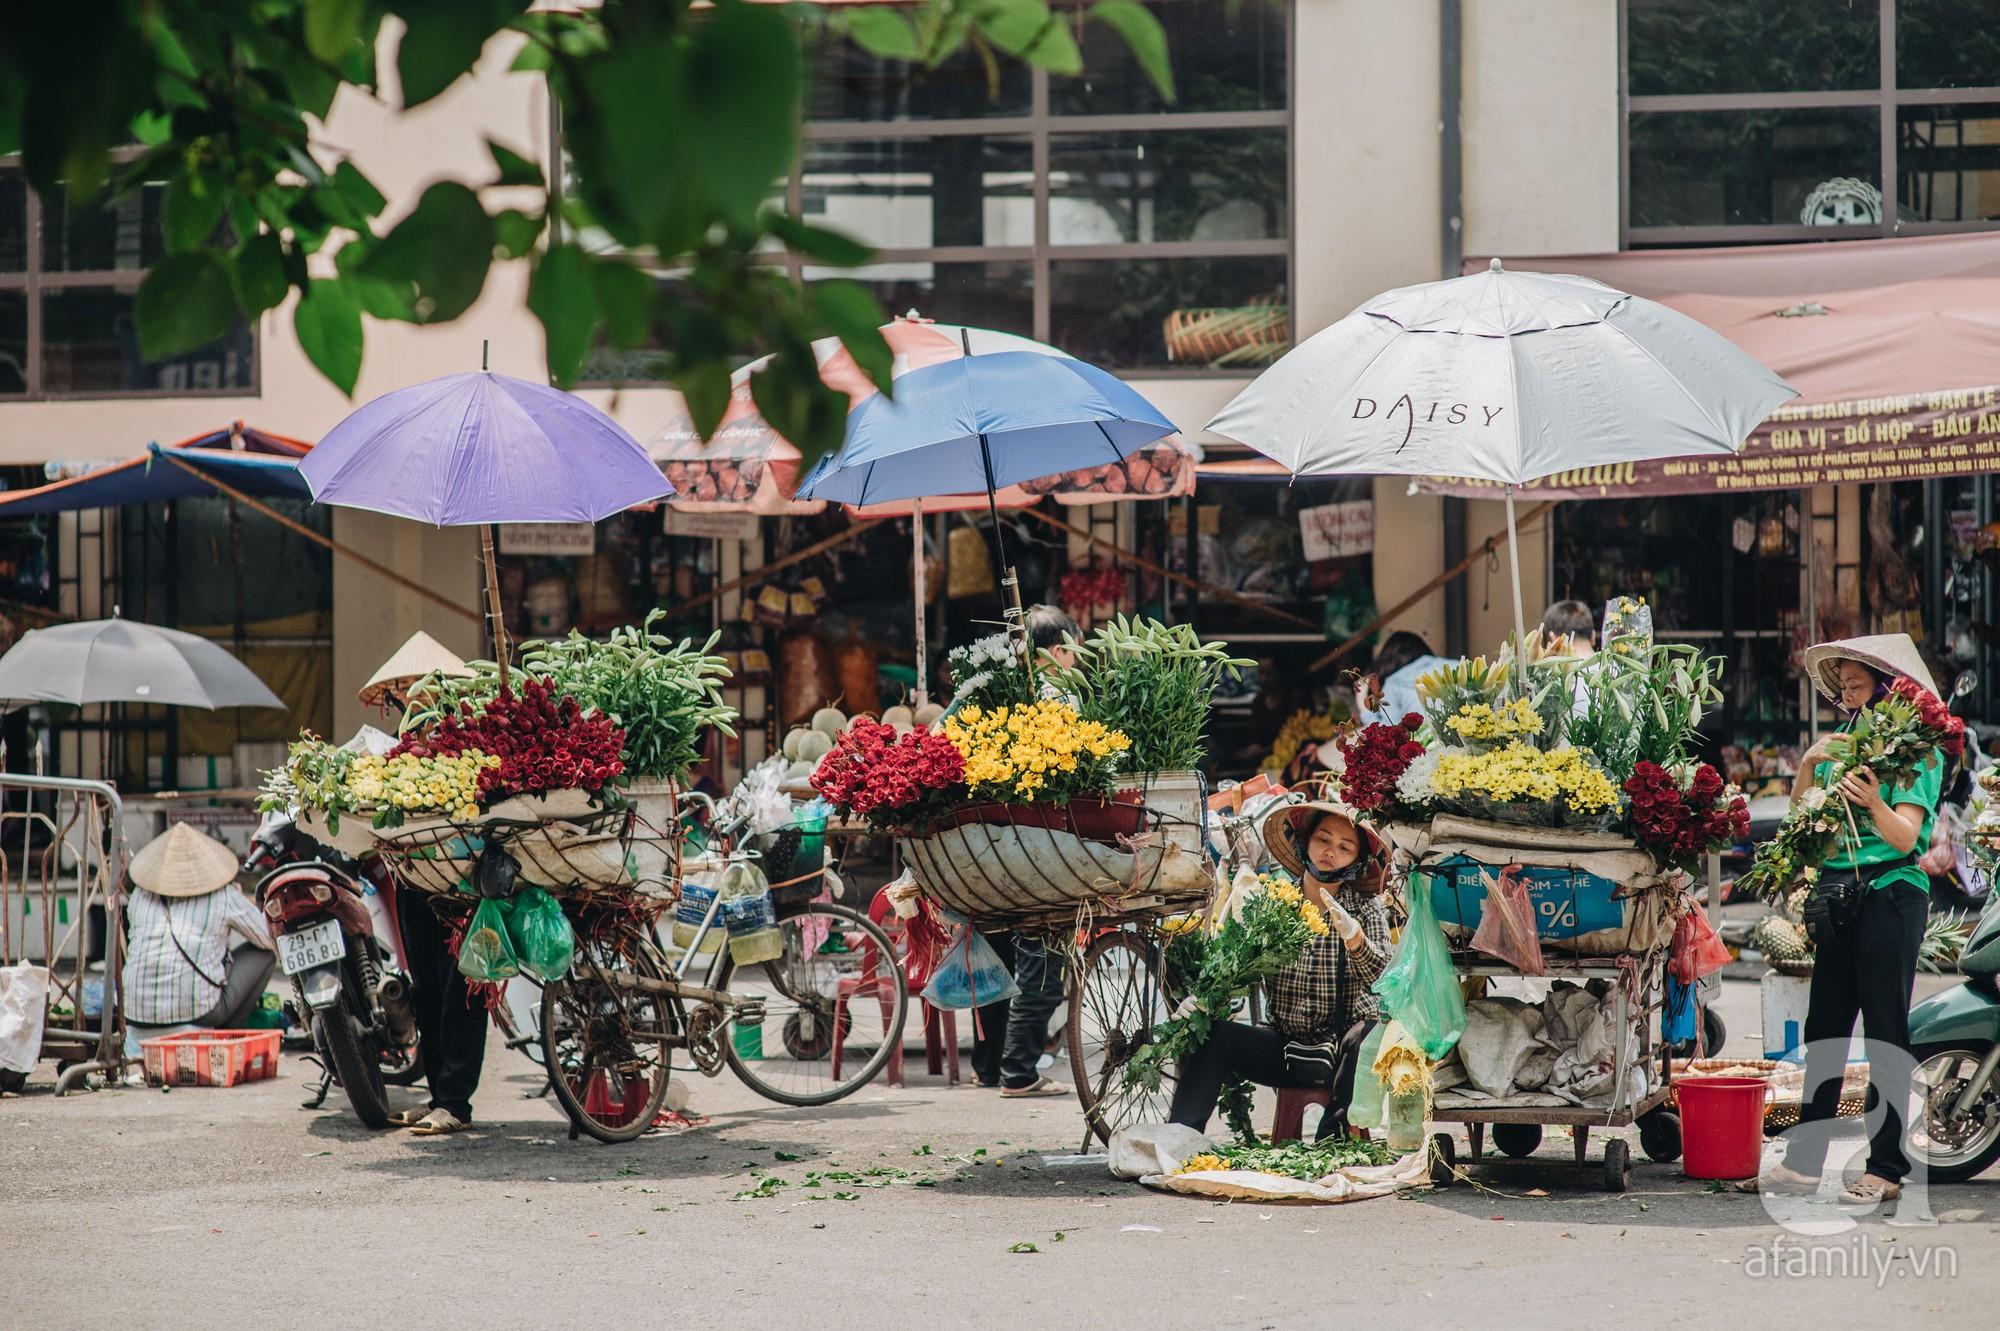 Tháng 4 về, Hà Nội lại dịu dàng những gánh loa kèn trắng tinh khôi, thơm nồng nàn khắp các góc phố-6